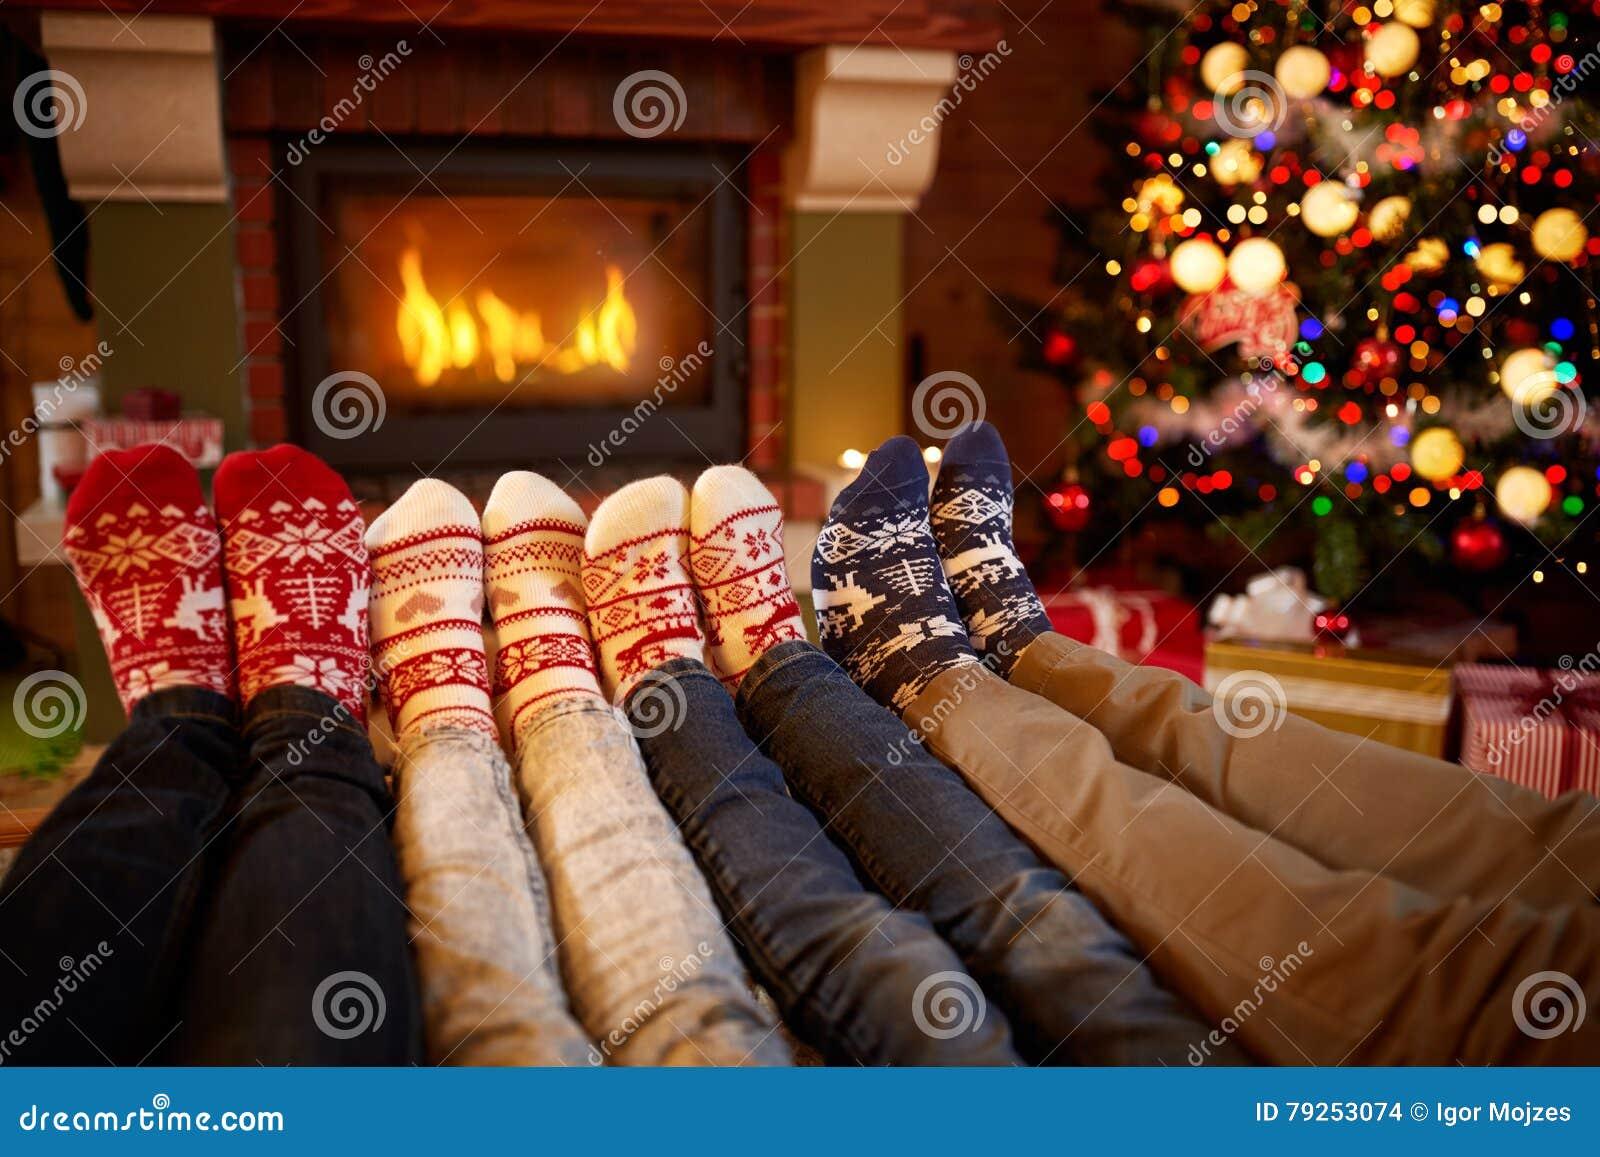 Τα πόδια στο μαλλί κτυπούν βίαια κοντά στην εστία στο χρόνο Χριστουγέννων